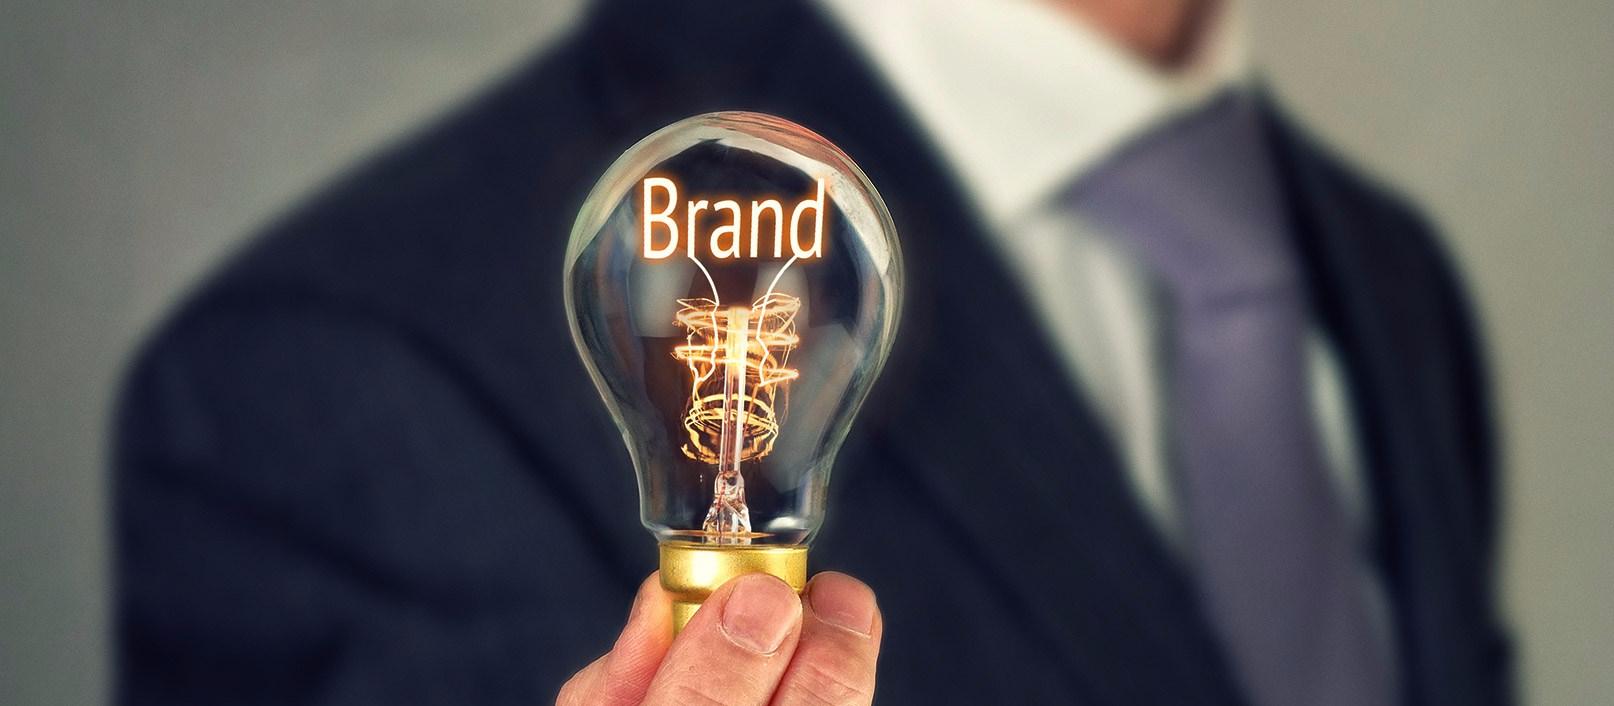 brand-lightbulb-ss-1920.jpg